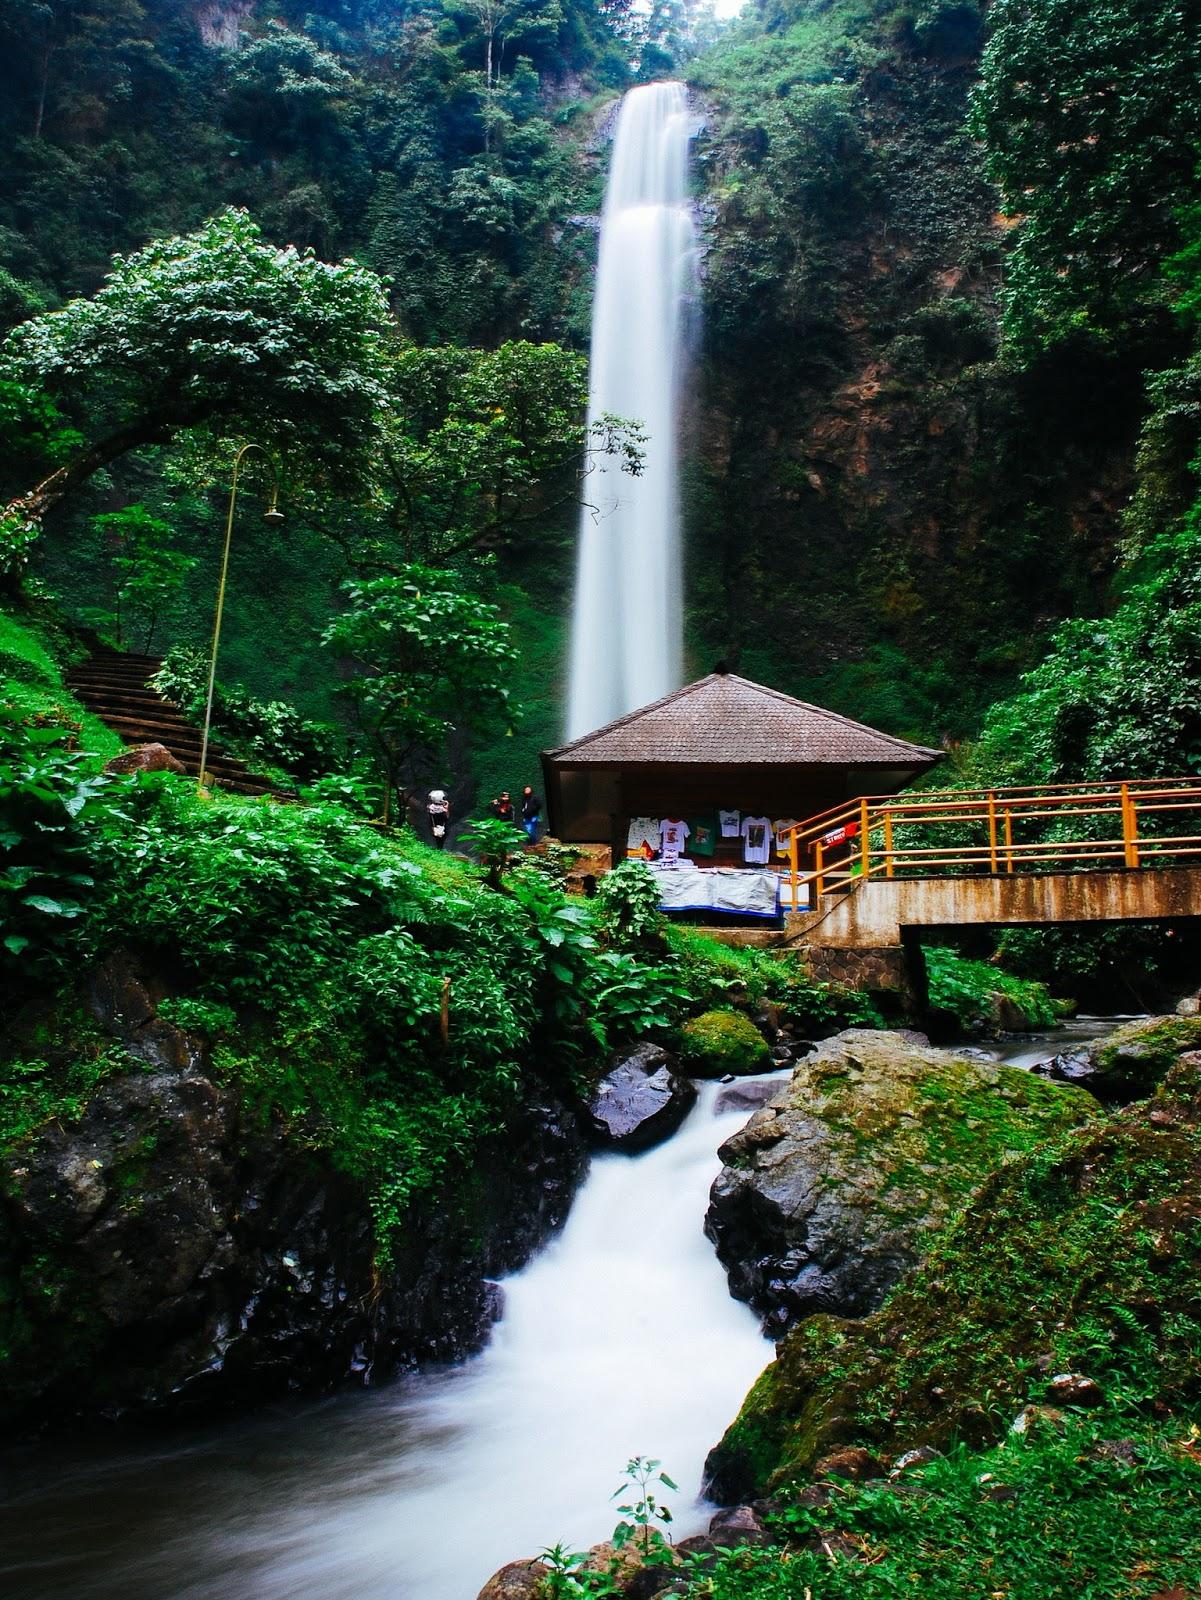 73 Tempat Wisata Di Bandung Yang Menarik Untuk Dikunjungi